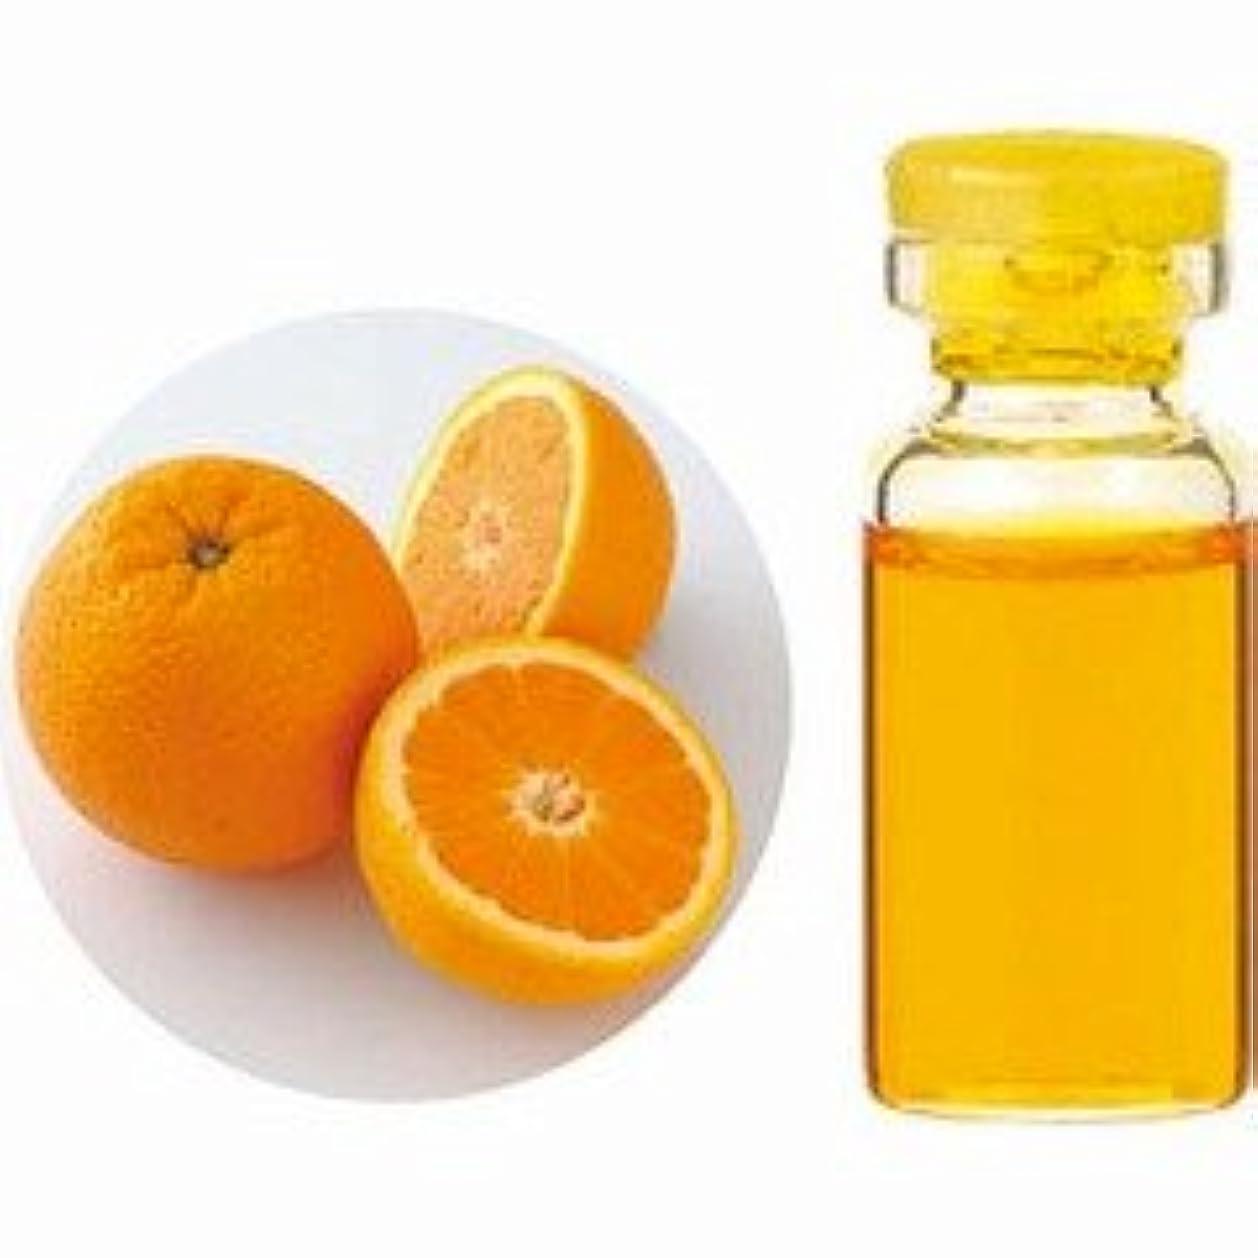 高尚なラック紛争エッセンシャルオイル(精油) オレンジスイート 10ml 【生活の木】